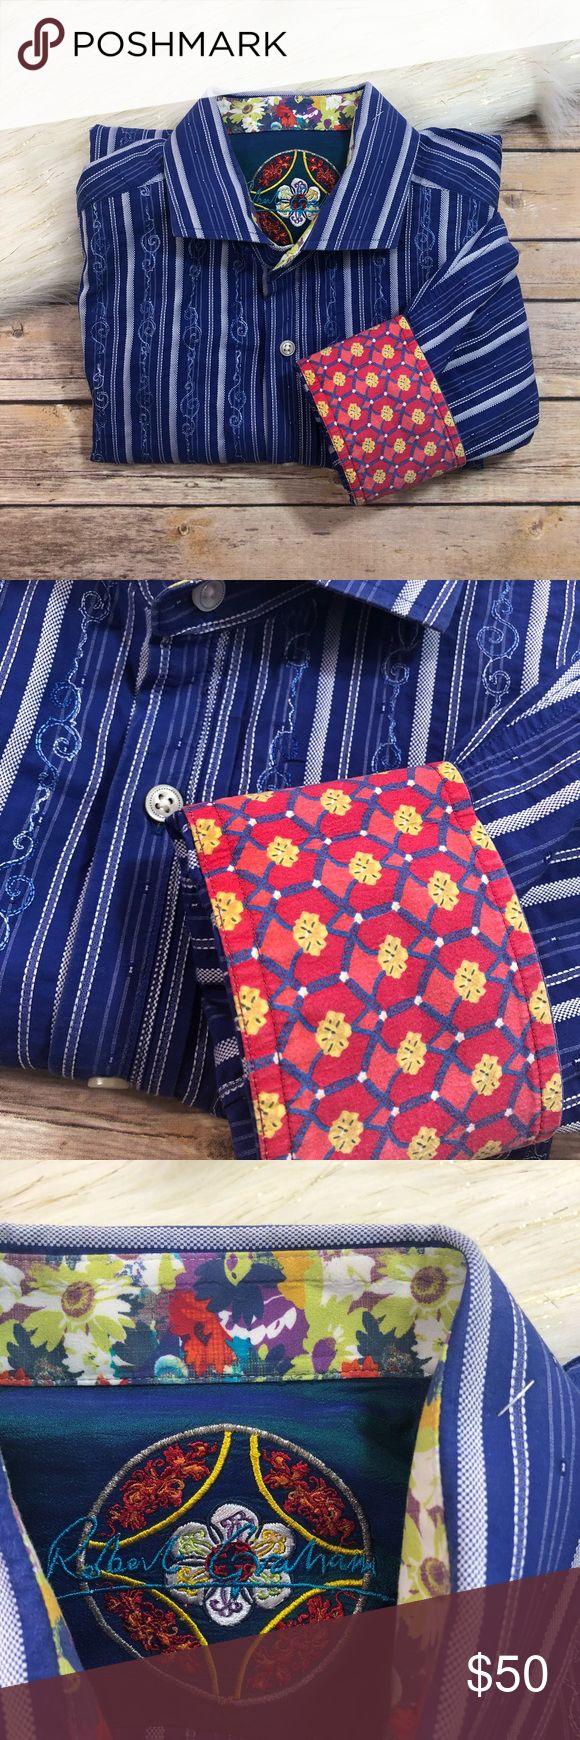 """Robert Graham Pinstripe and Floral Dress Shirt Robert Graham Blue & White Pinstripe and Floral Button Up Dress Shirt Size XL Size XL Length- 34"""" 100% Cotton Smoke free home! Robert Graham Shirts Dress Shirts"""